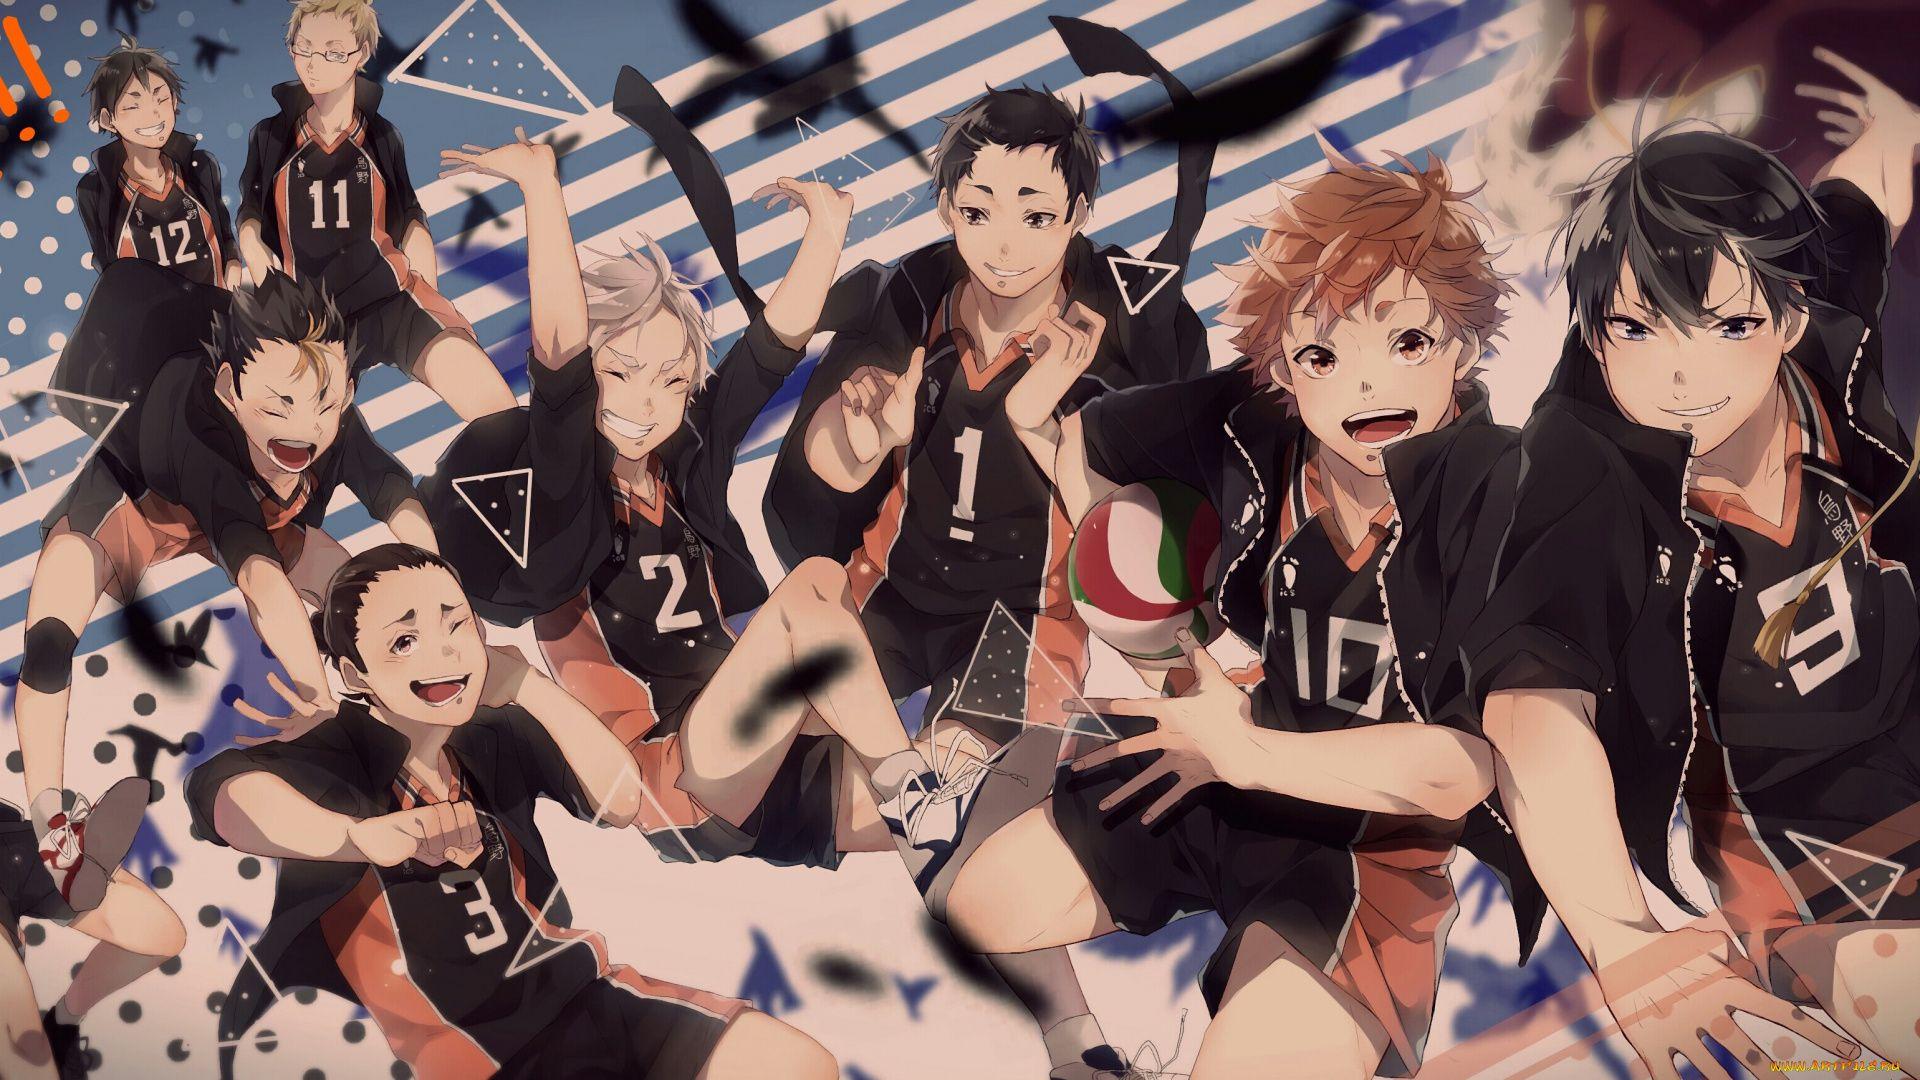 Volleyball Anime Art Haikyuu!!